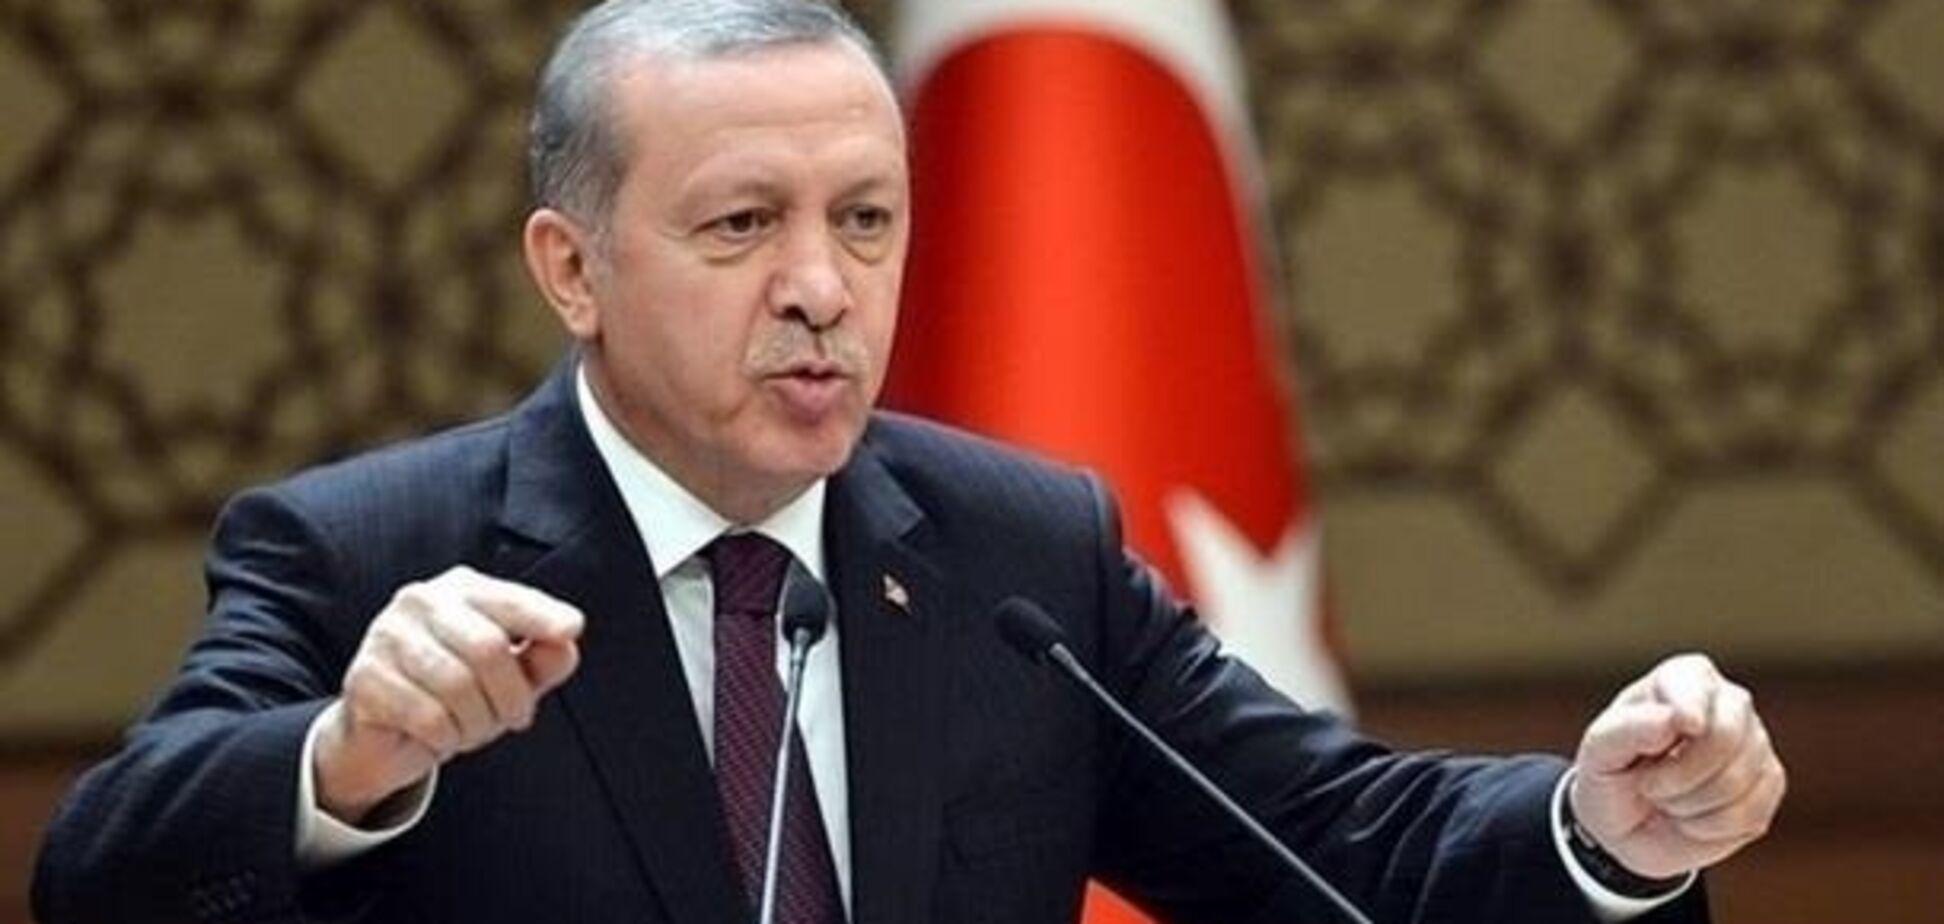 Наконец-то Турция начала получать то, что давно 1000 раз заслужила